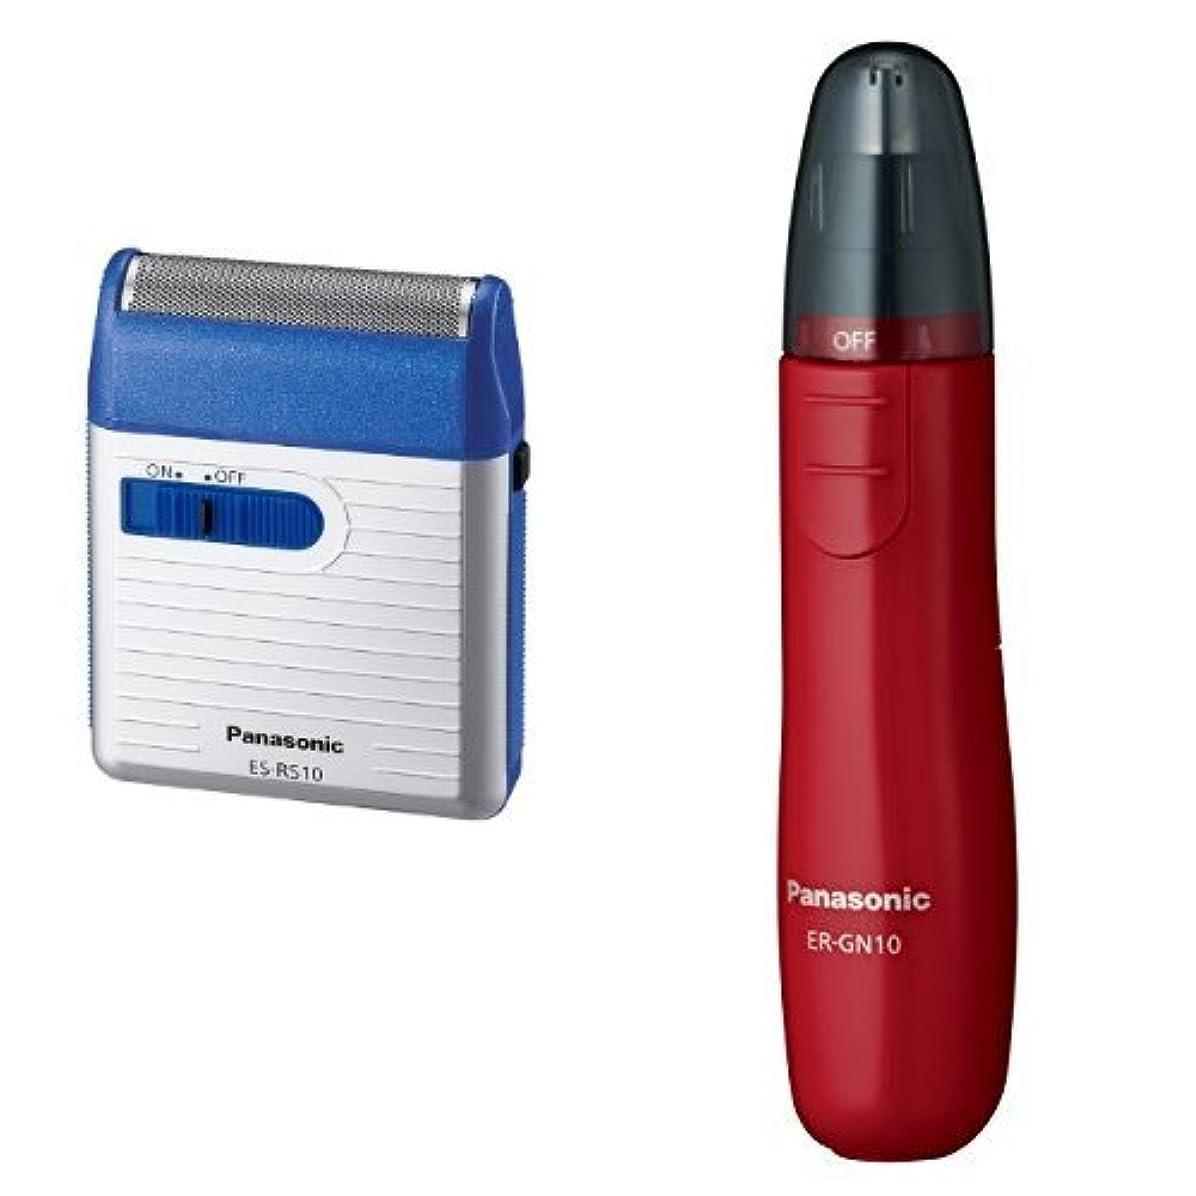 草持ってる測定パナソニック メンズシェーバー 1枚刃 青 ES-RS10-A + エチケットカッター 赤 ER-GN10-R セット